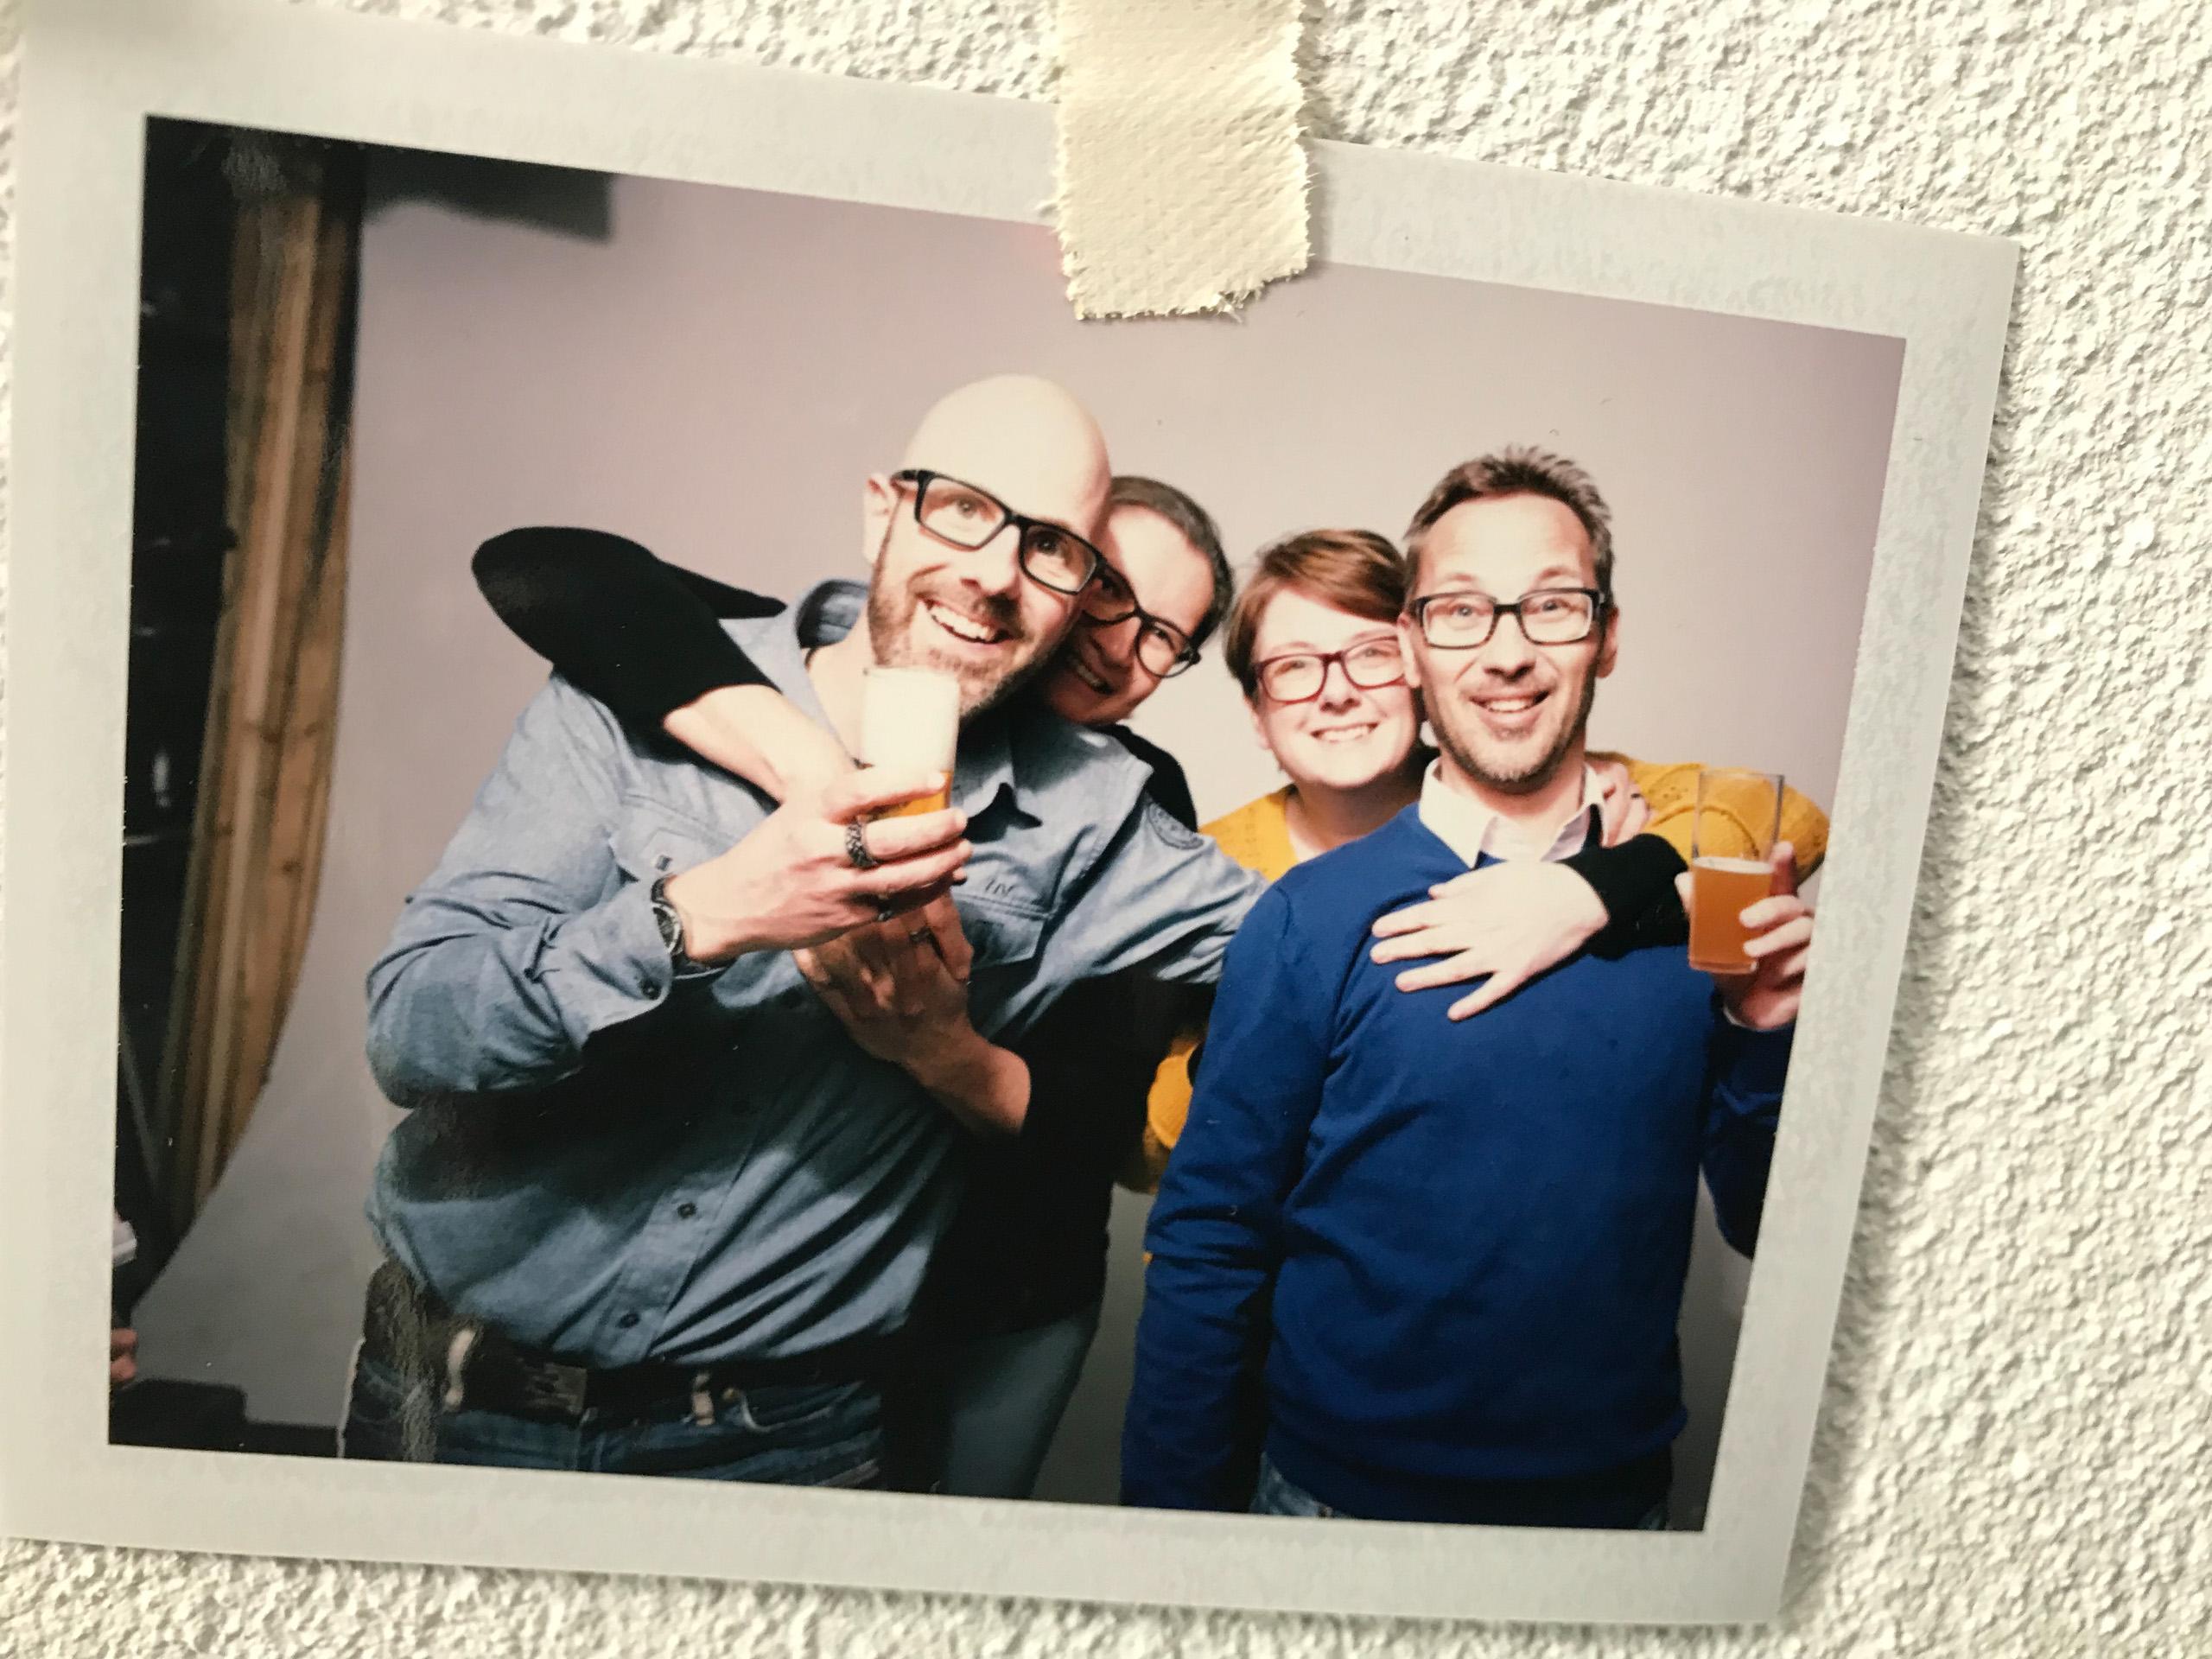 Food stylist fotografie van een groepsfoto gemaakt door Studio_m Fotograaf Amsterdam